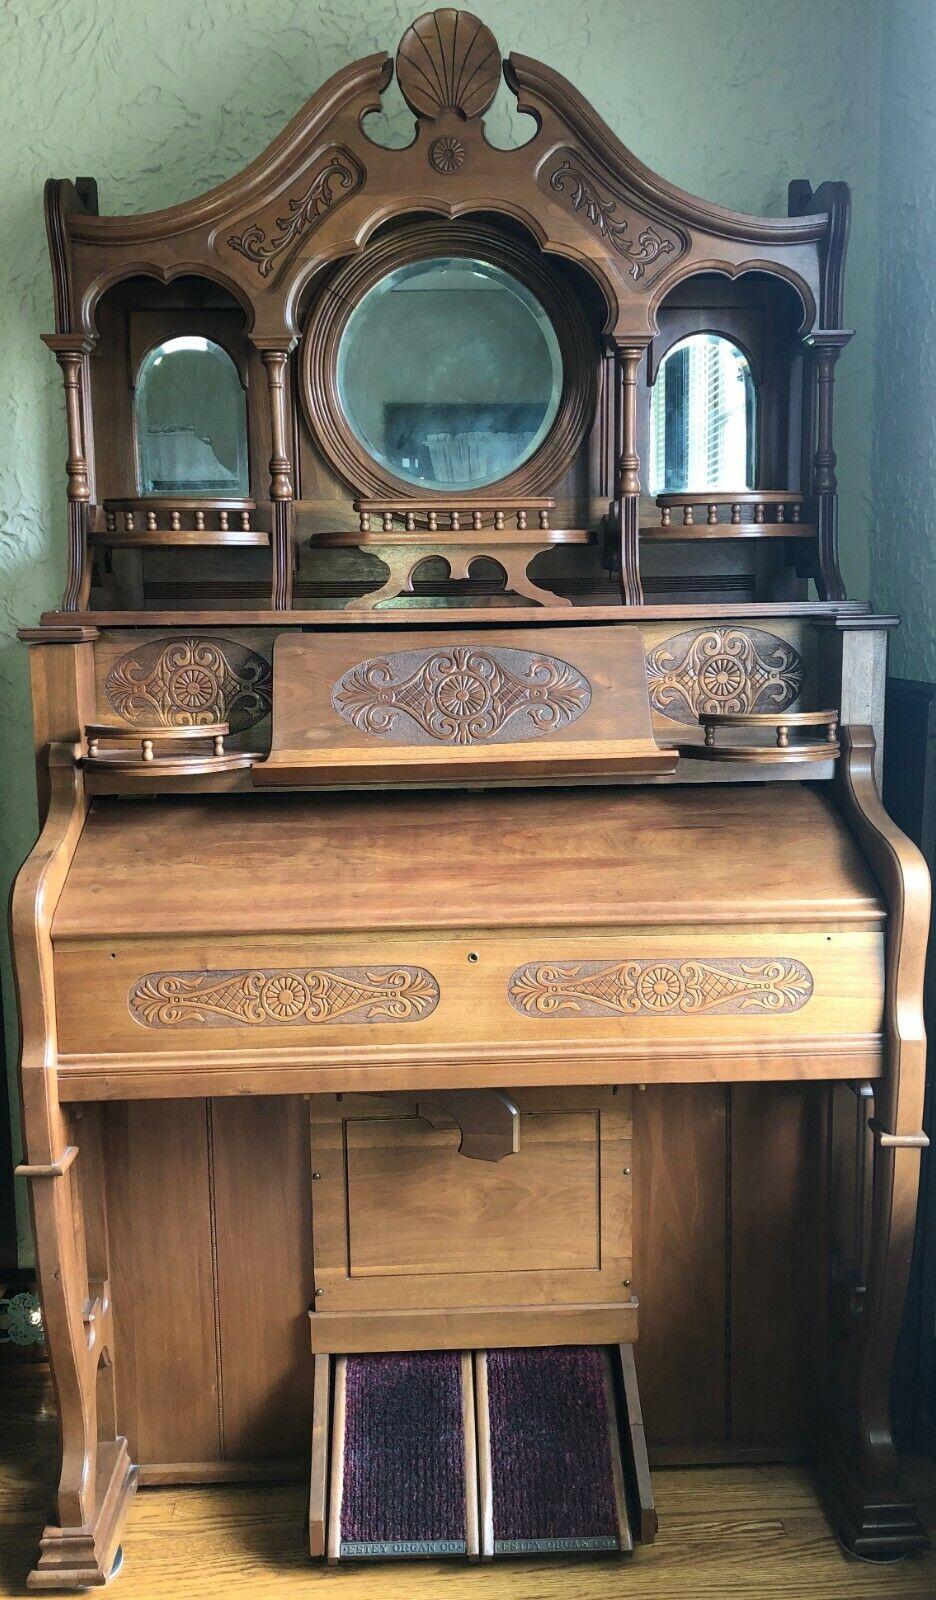 Antique Estey Organ Serial 414715 Approximate Yr. 1902 - $1,375.00